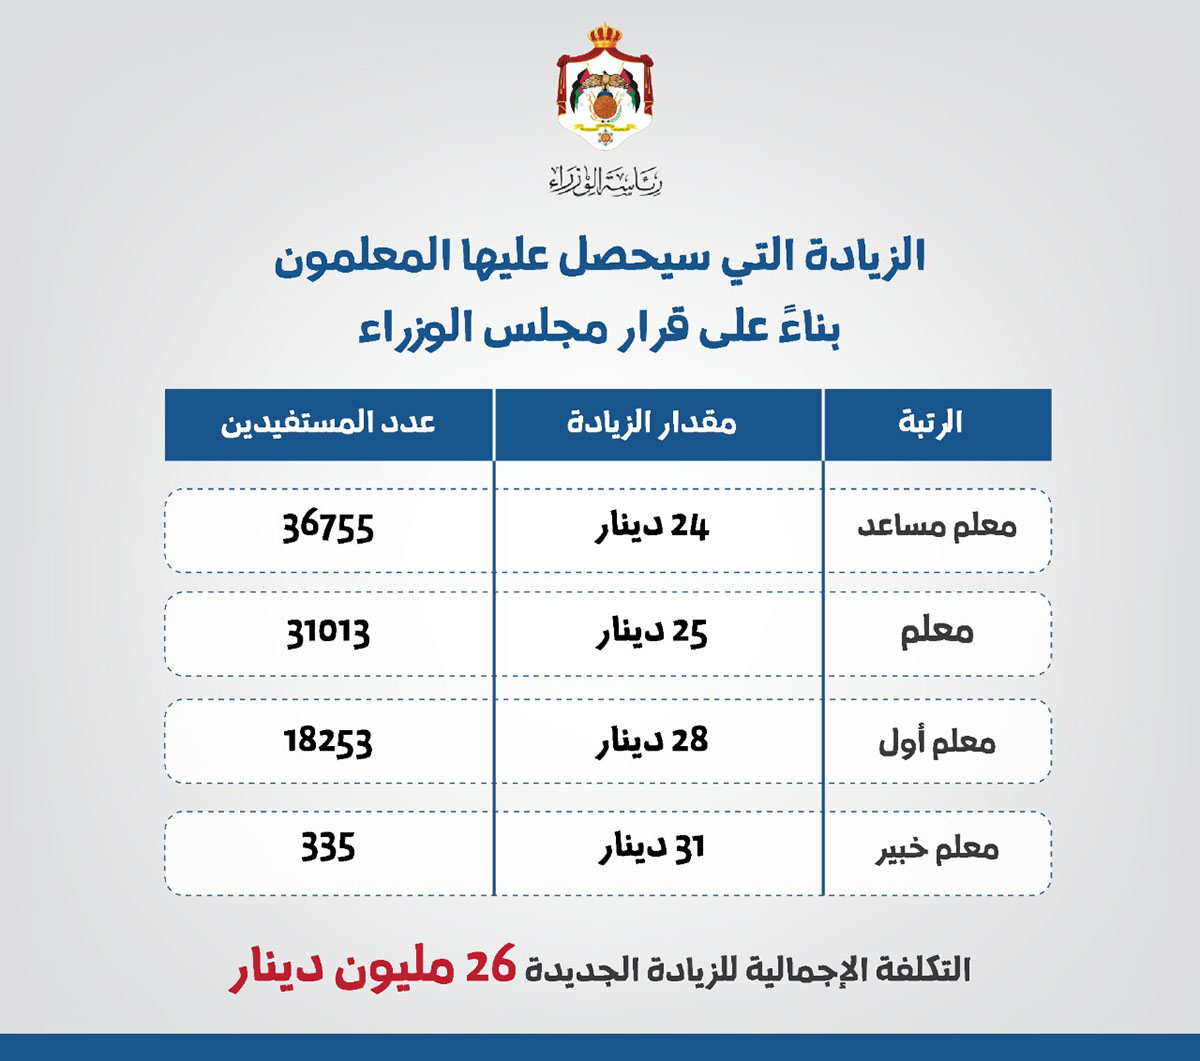 زيادة رواتب المعلمين في الأردن